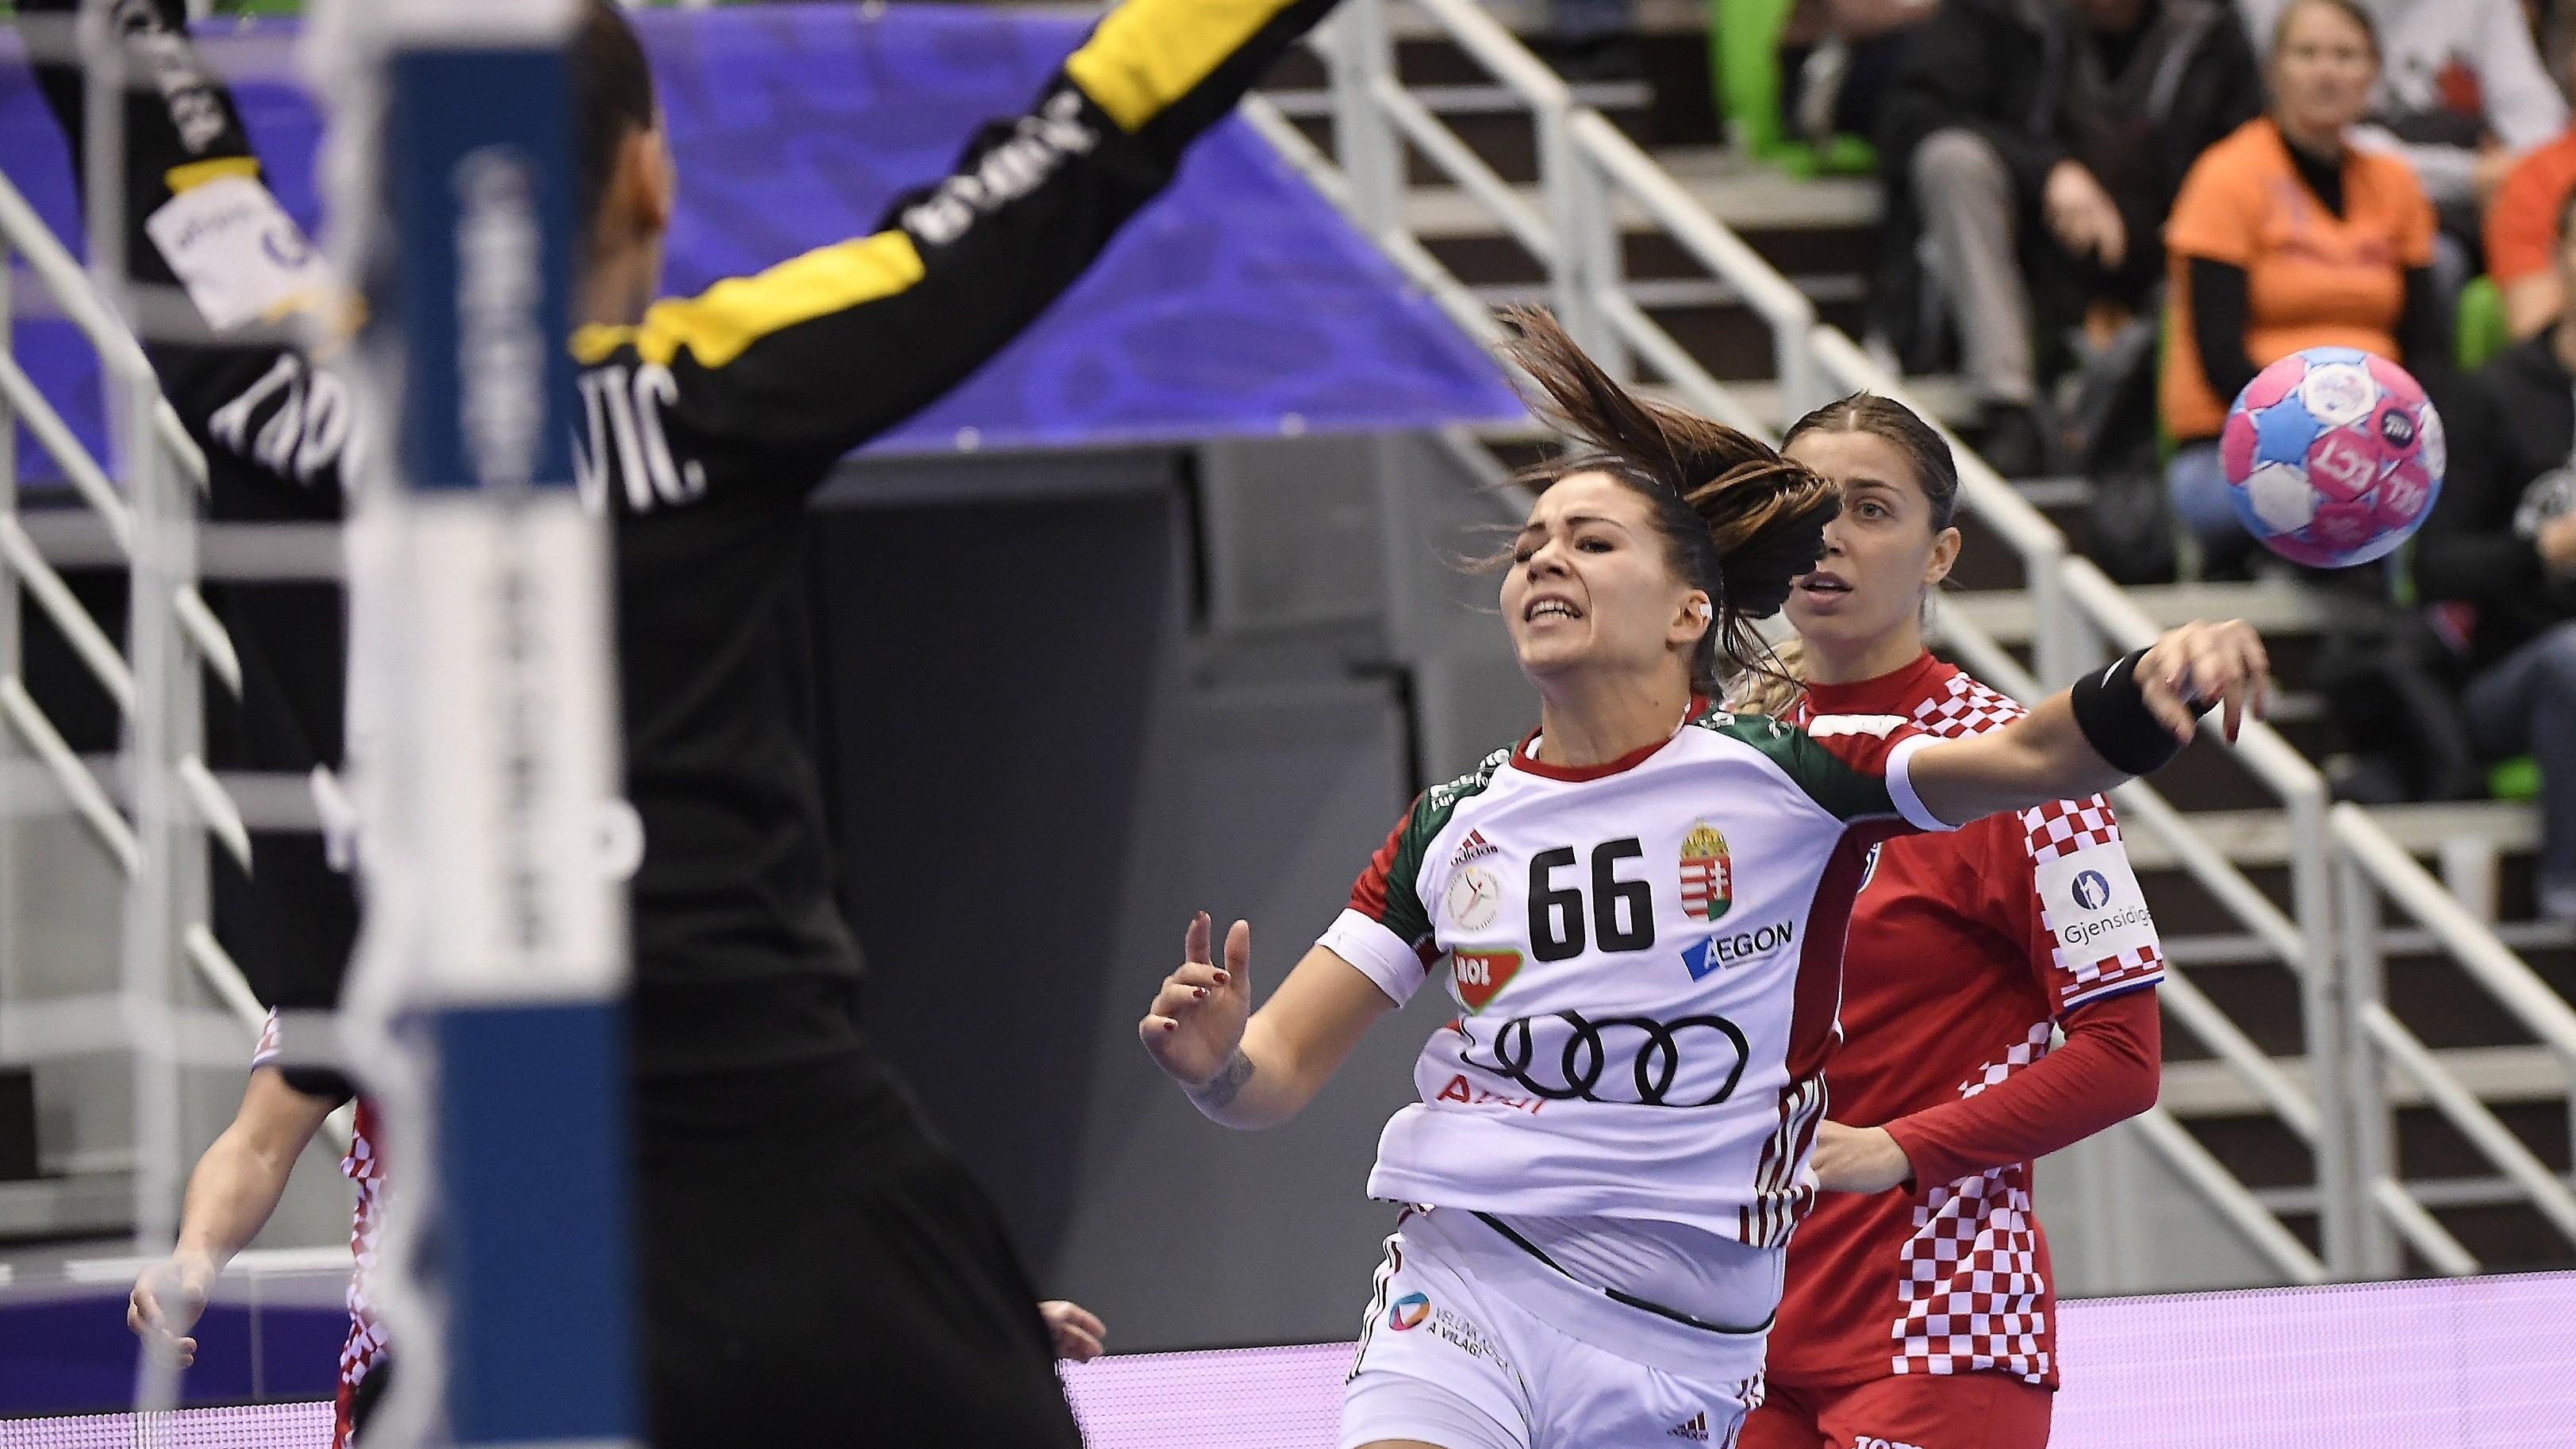 Győzelem Horvátország ellen a női Európa-bajnokságon